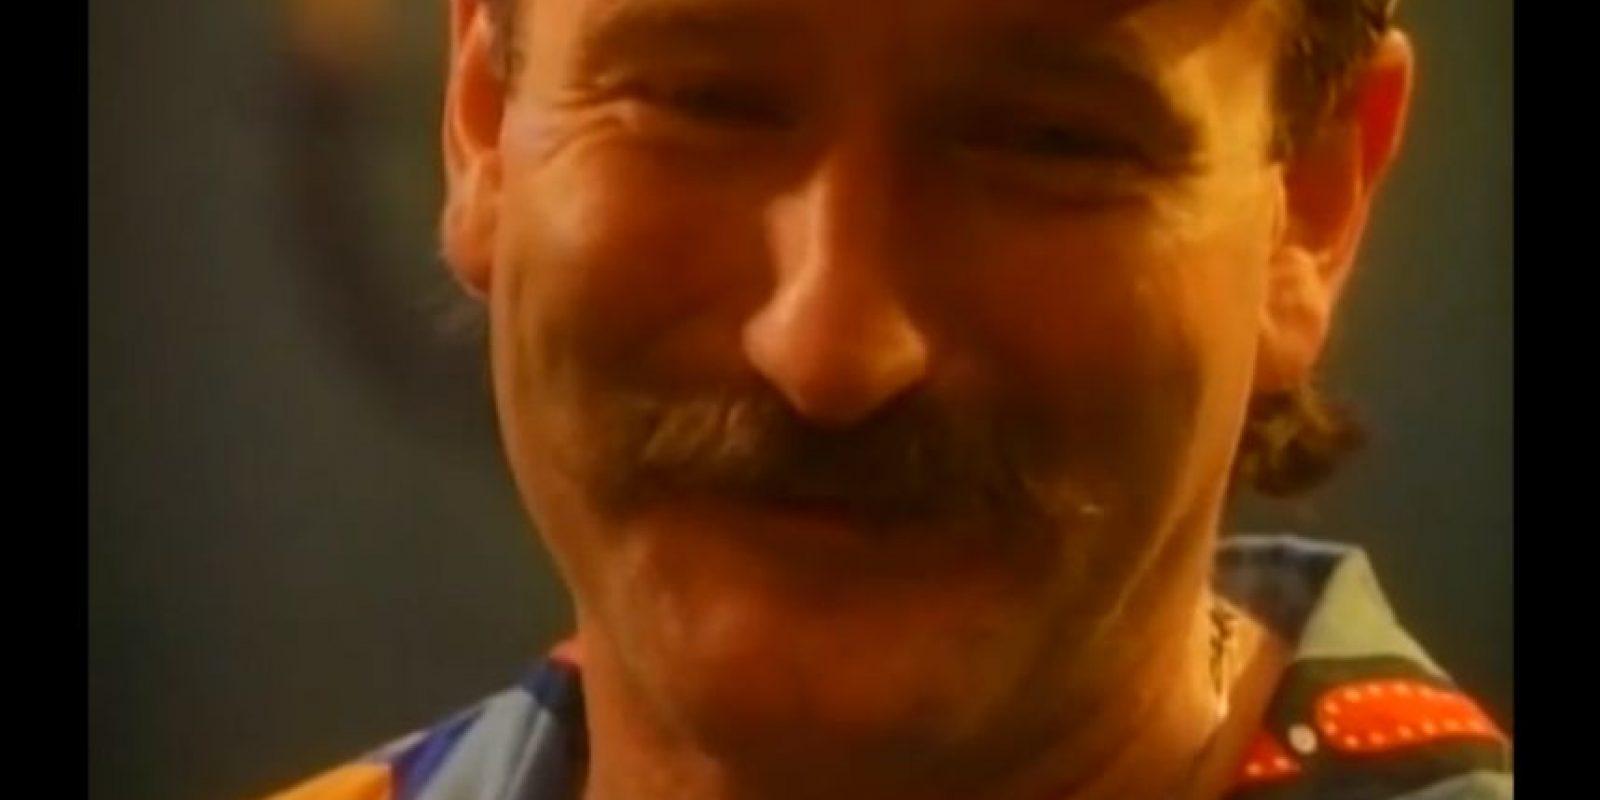 Robin Williams – 'Don't Worry Be Happy' de Bobby McFerrin: El fallecido actor bailó y mostró su habitual sentido del humor en el video de esta canción de 1988 que se convirtió en todo un clásico. Foto:YouTube